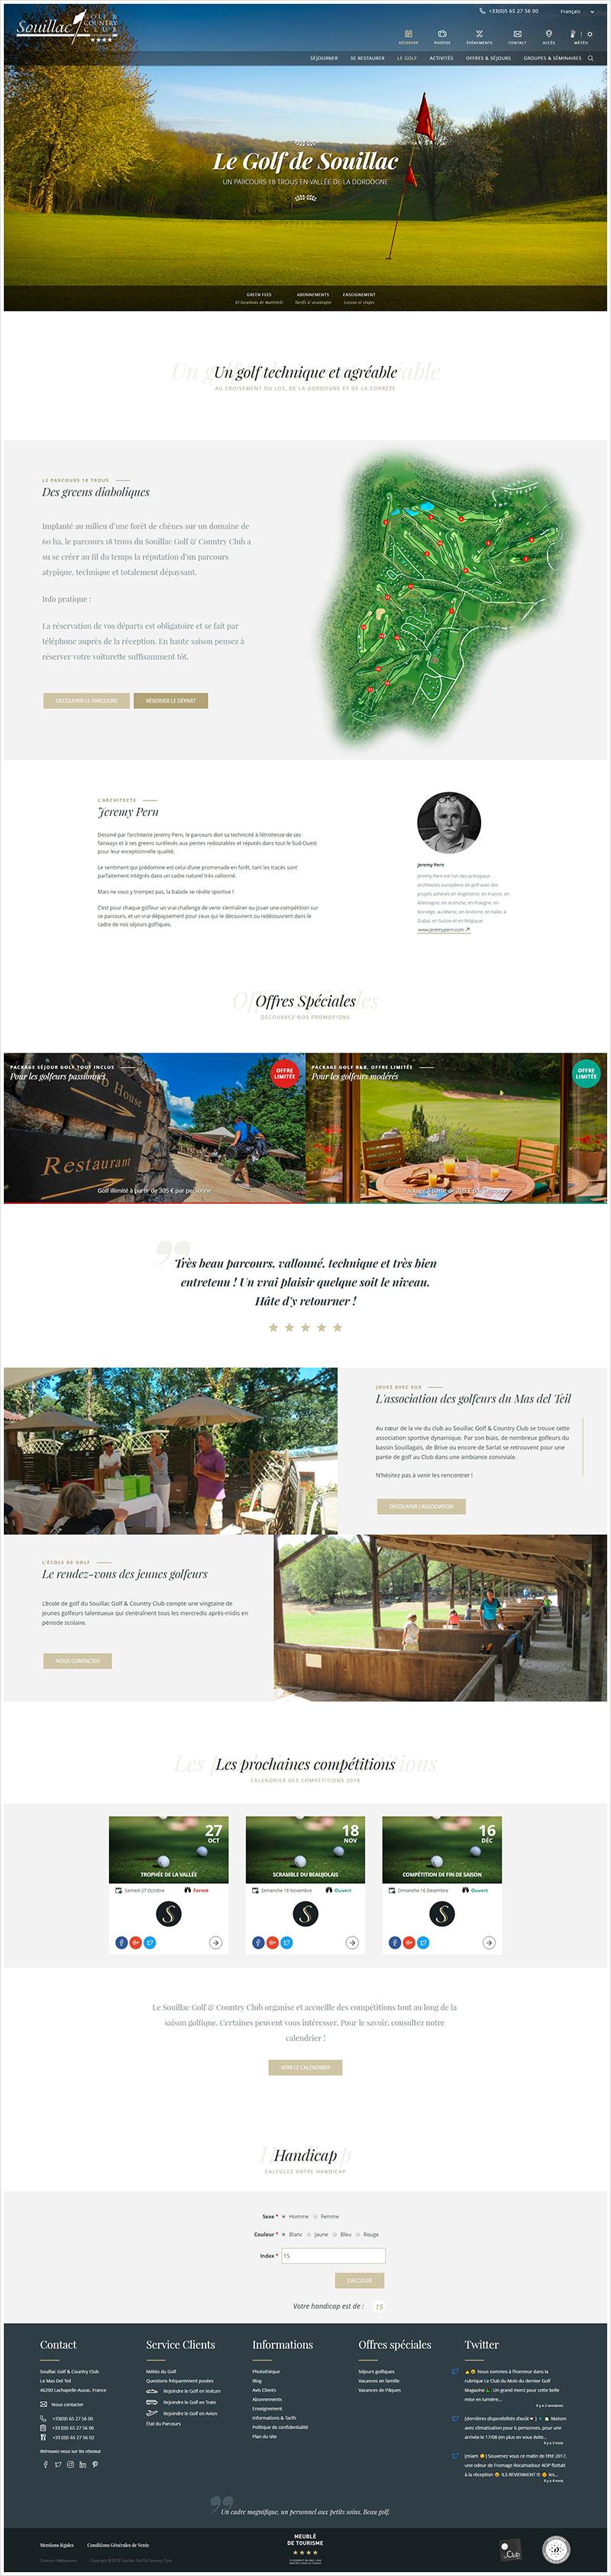 Réalisation Webaxones - Souillac & Country Club : page du golf